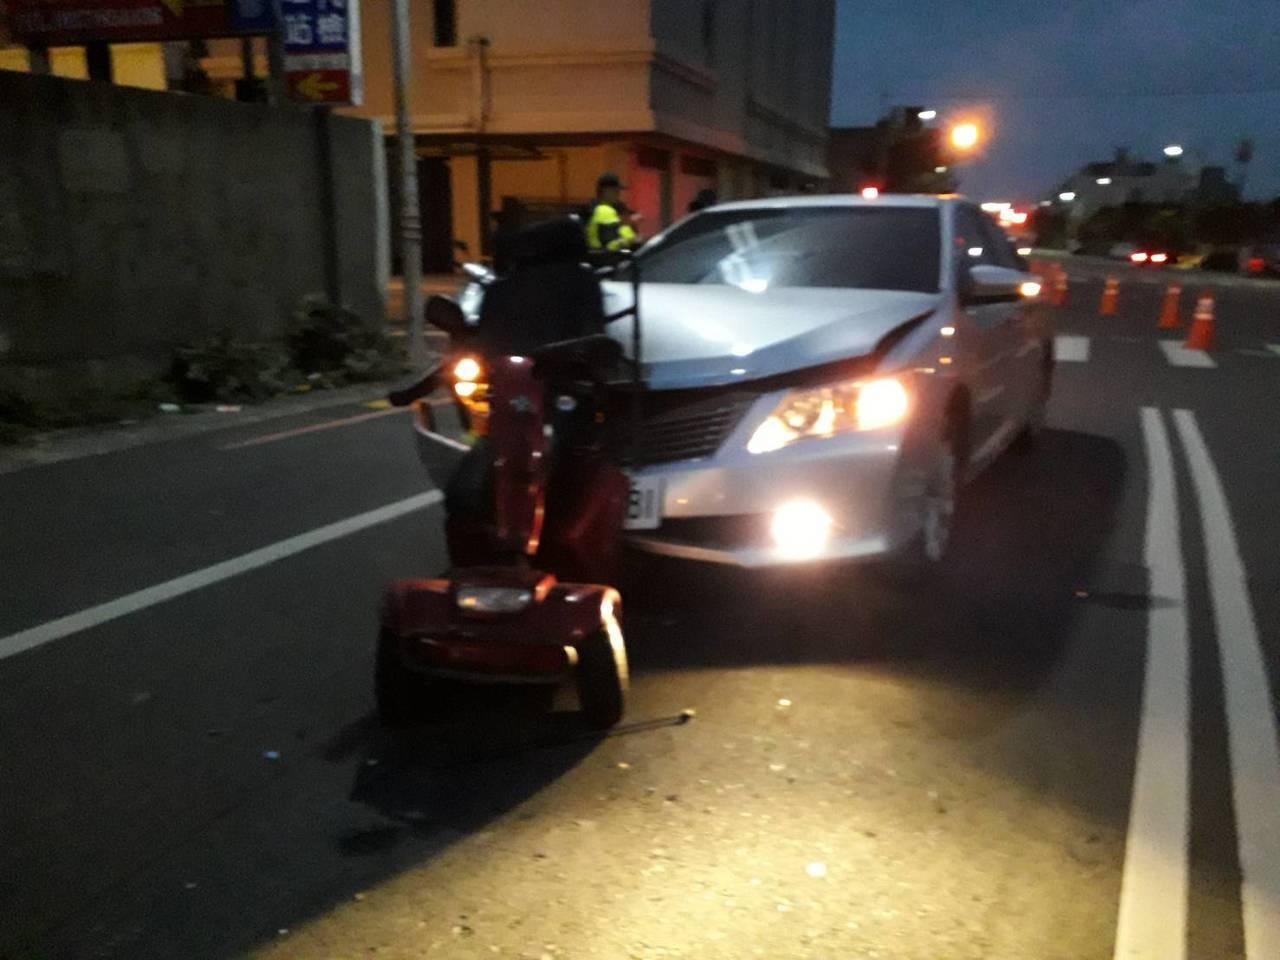 一輛醫療電動代步車今年1月間在苗栗縣中山路遭轎車追撞,騎代步車的陳姓老翁重傷死亡...